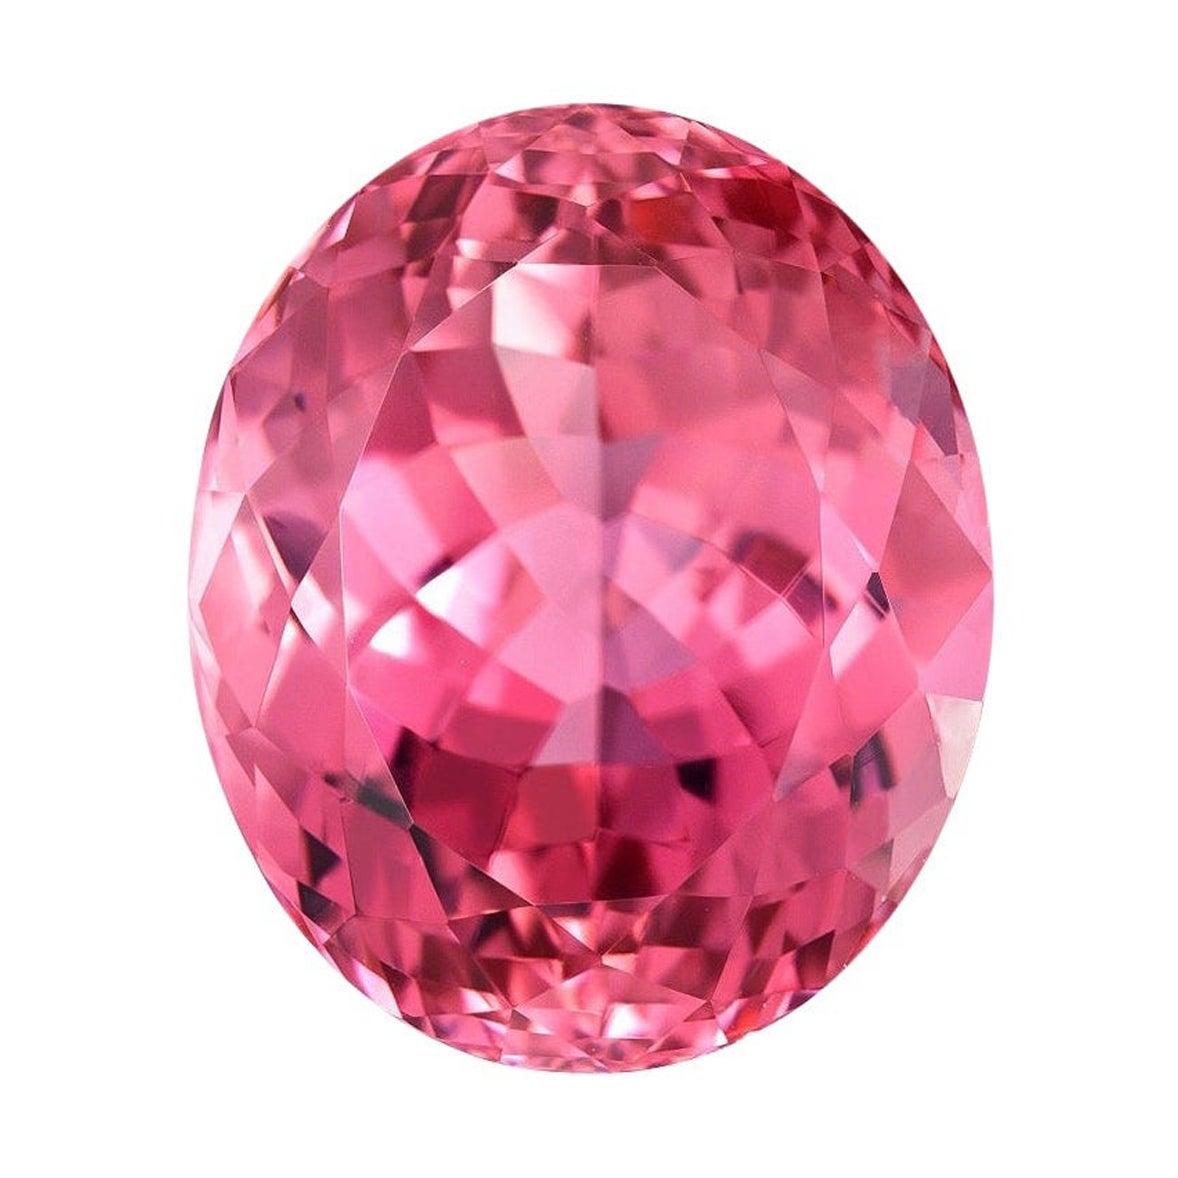 Pink Tourmaline Ring Gem 29.79 Carat Oval Loose Gemstone